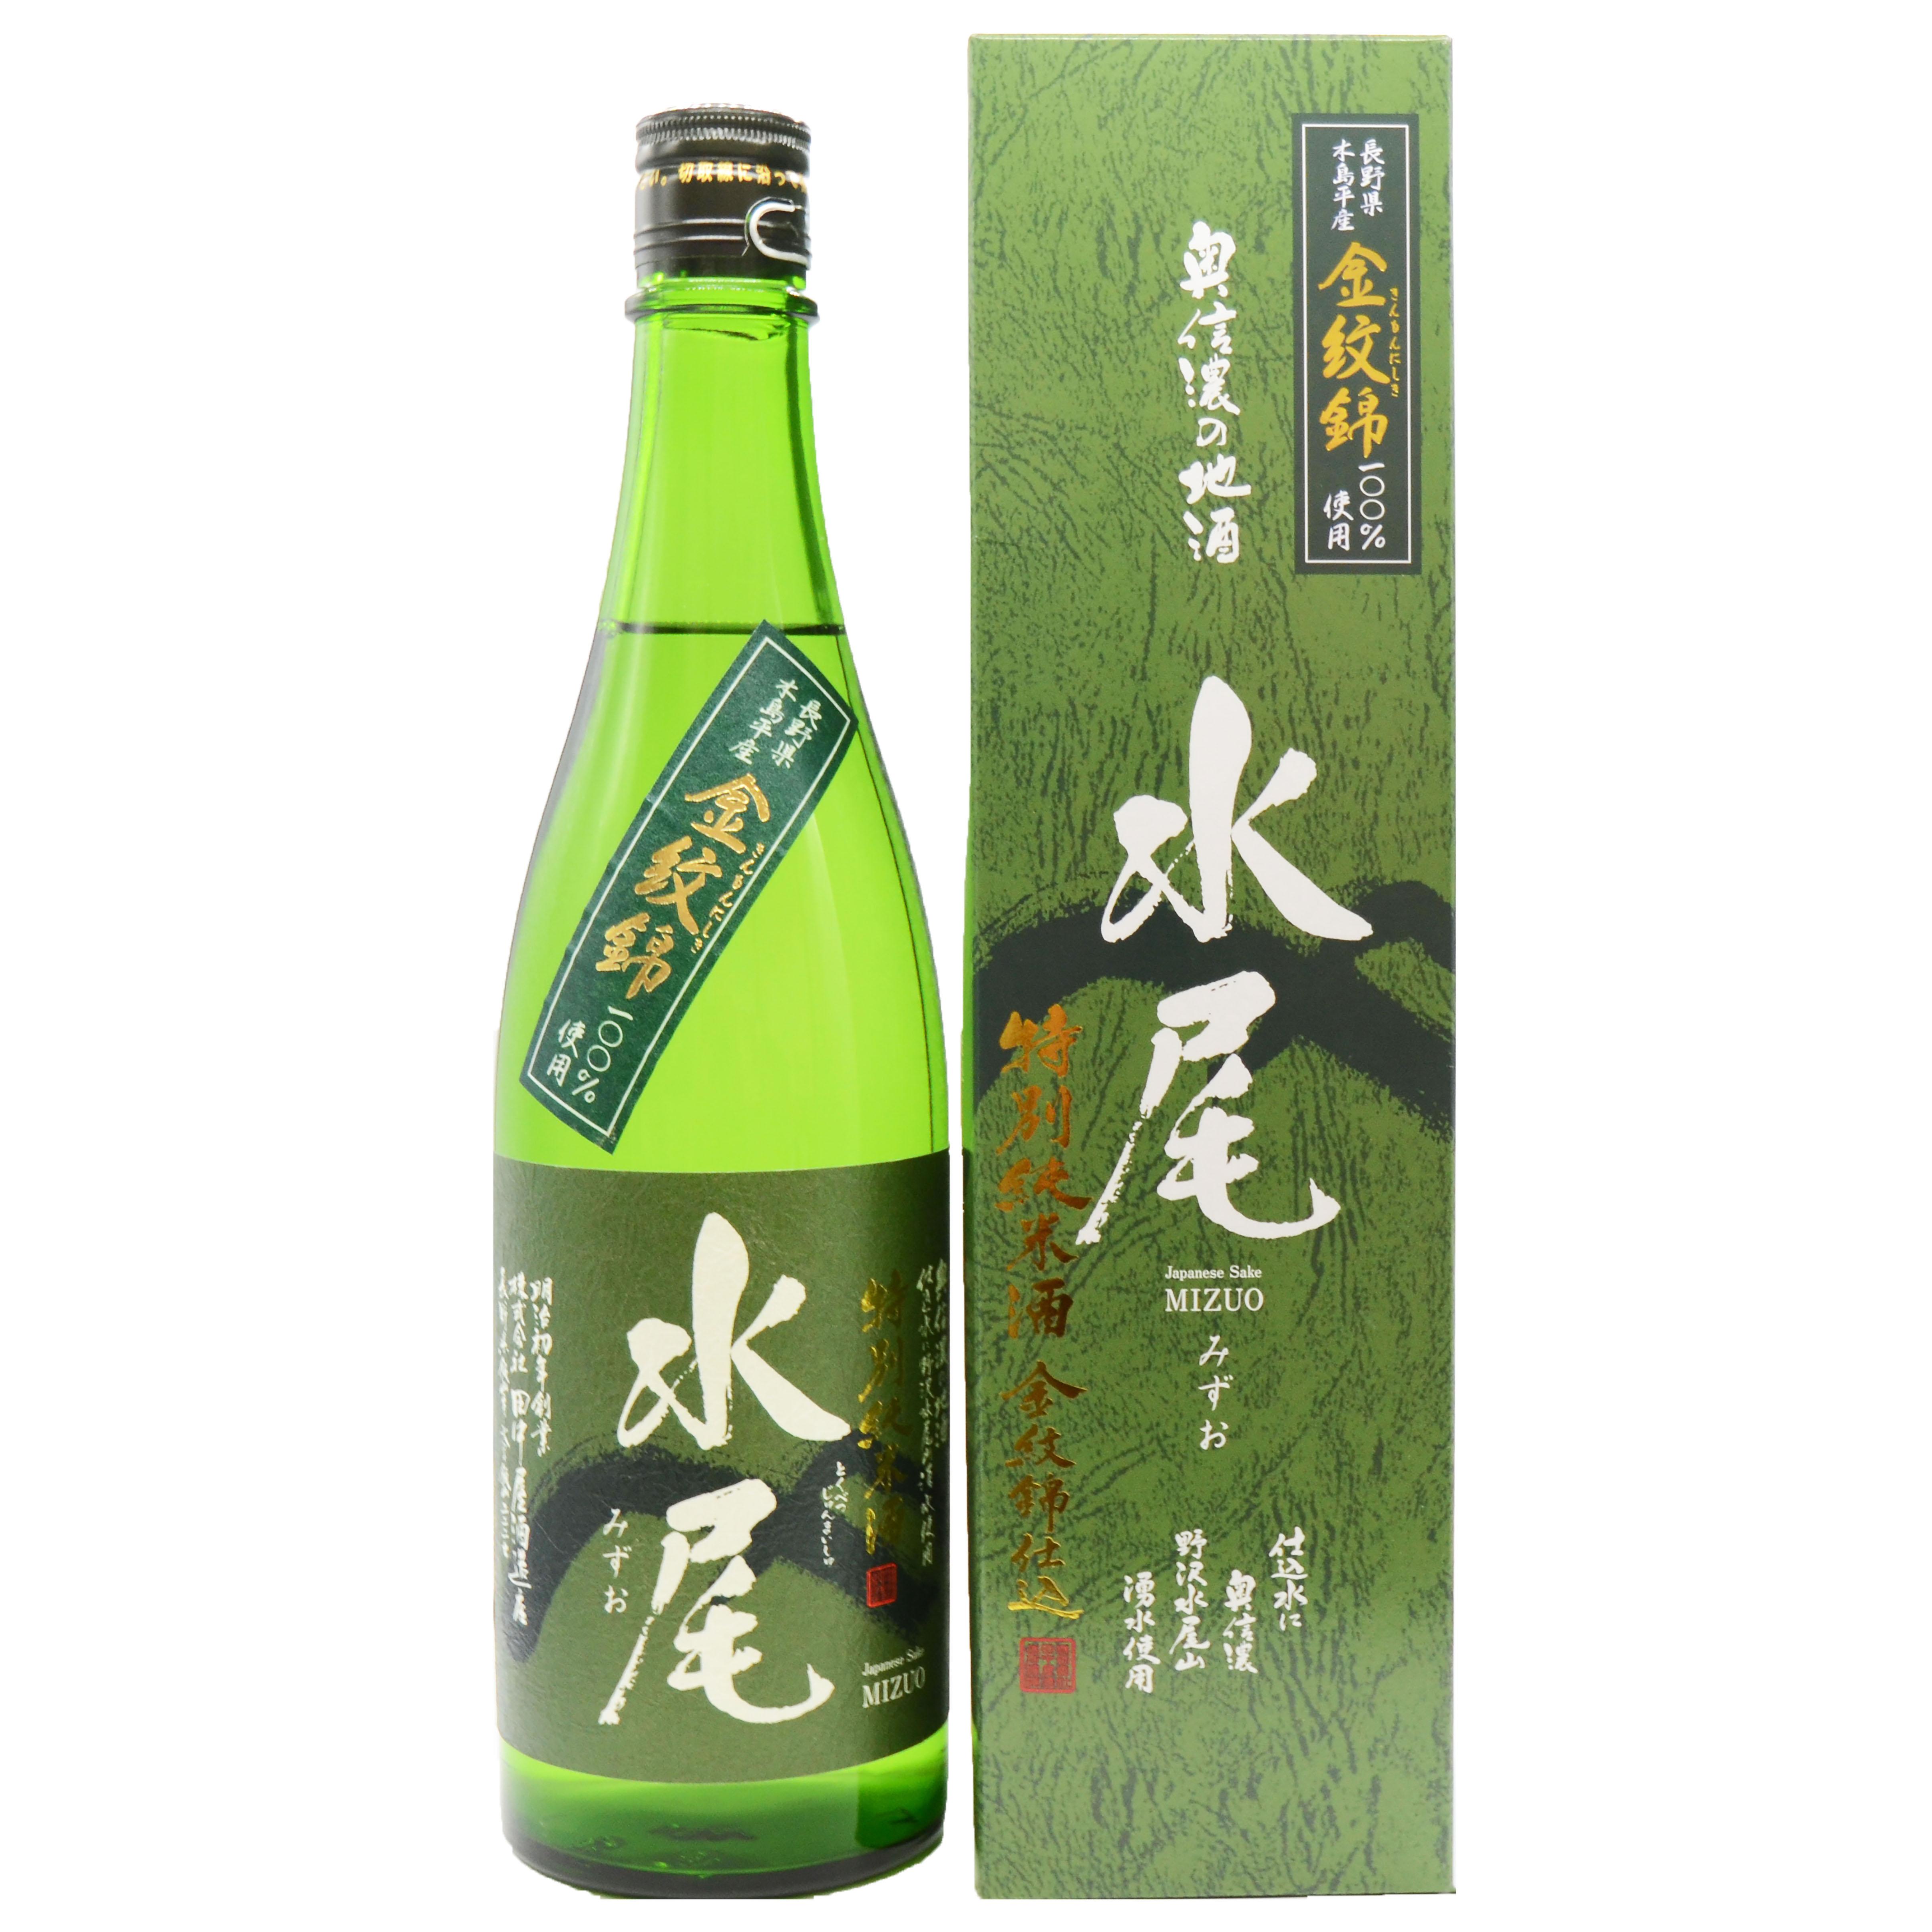 水尾 特別純米酒金紋錦仕込み 720ml